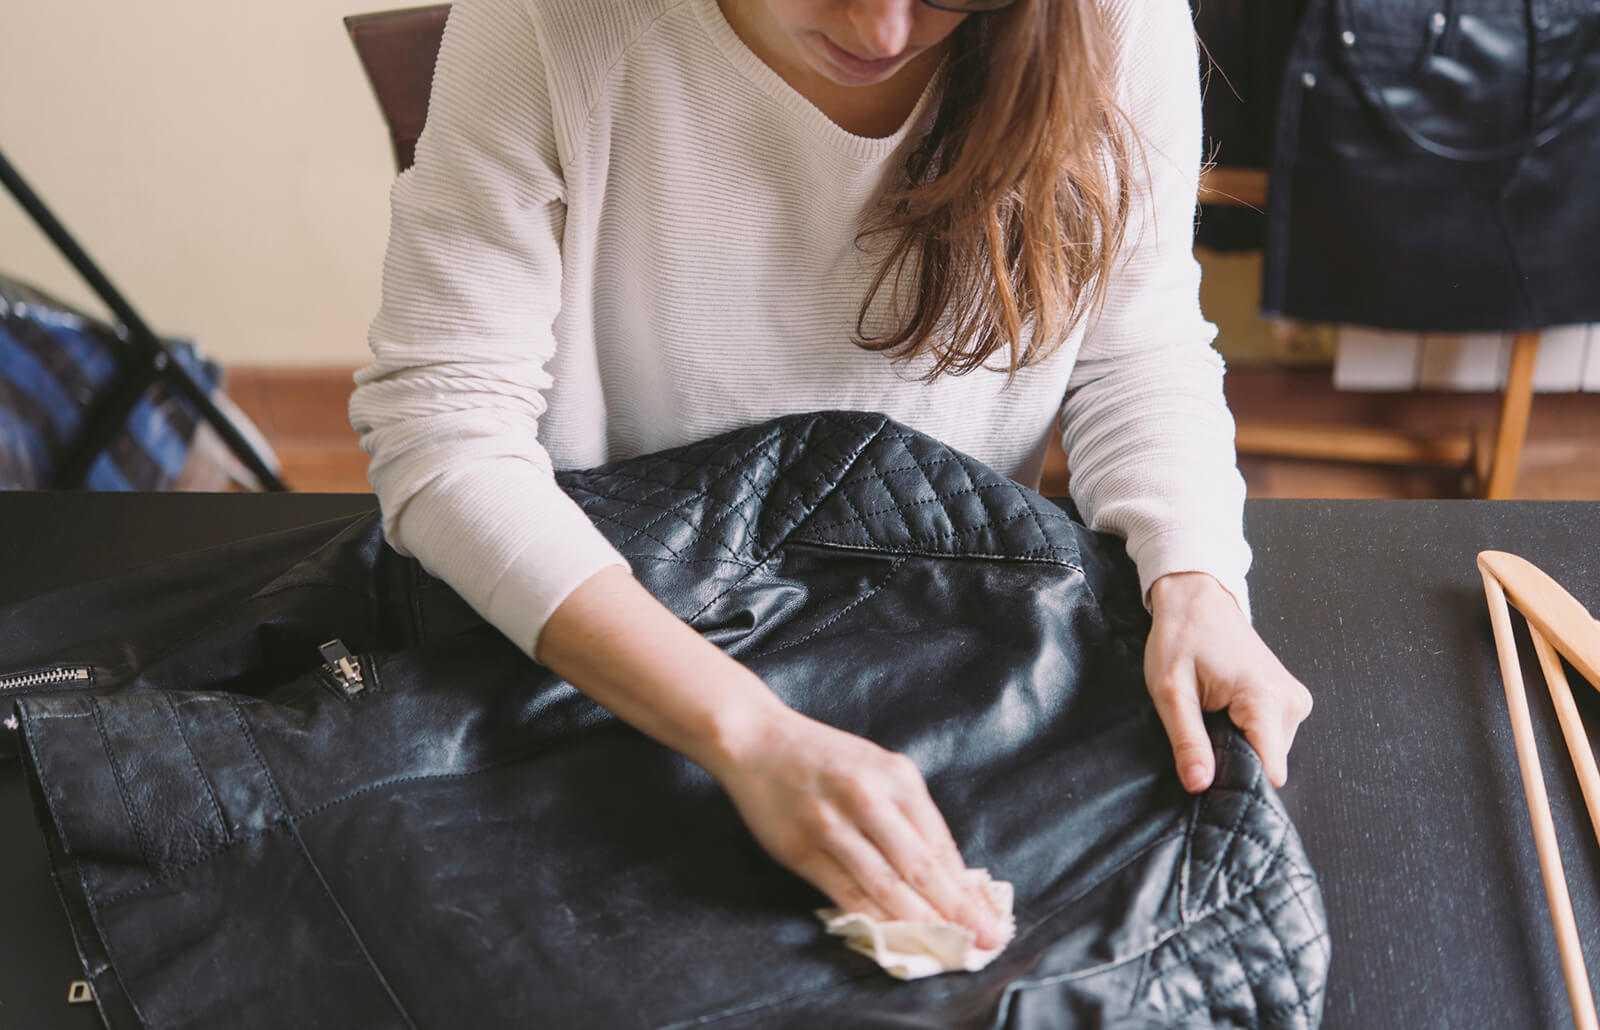 Cách giặt áo da và mẹo bảo quản bền lâu, không bị nổ, mốc | Cleanipedia